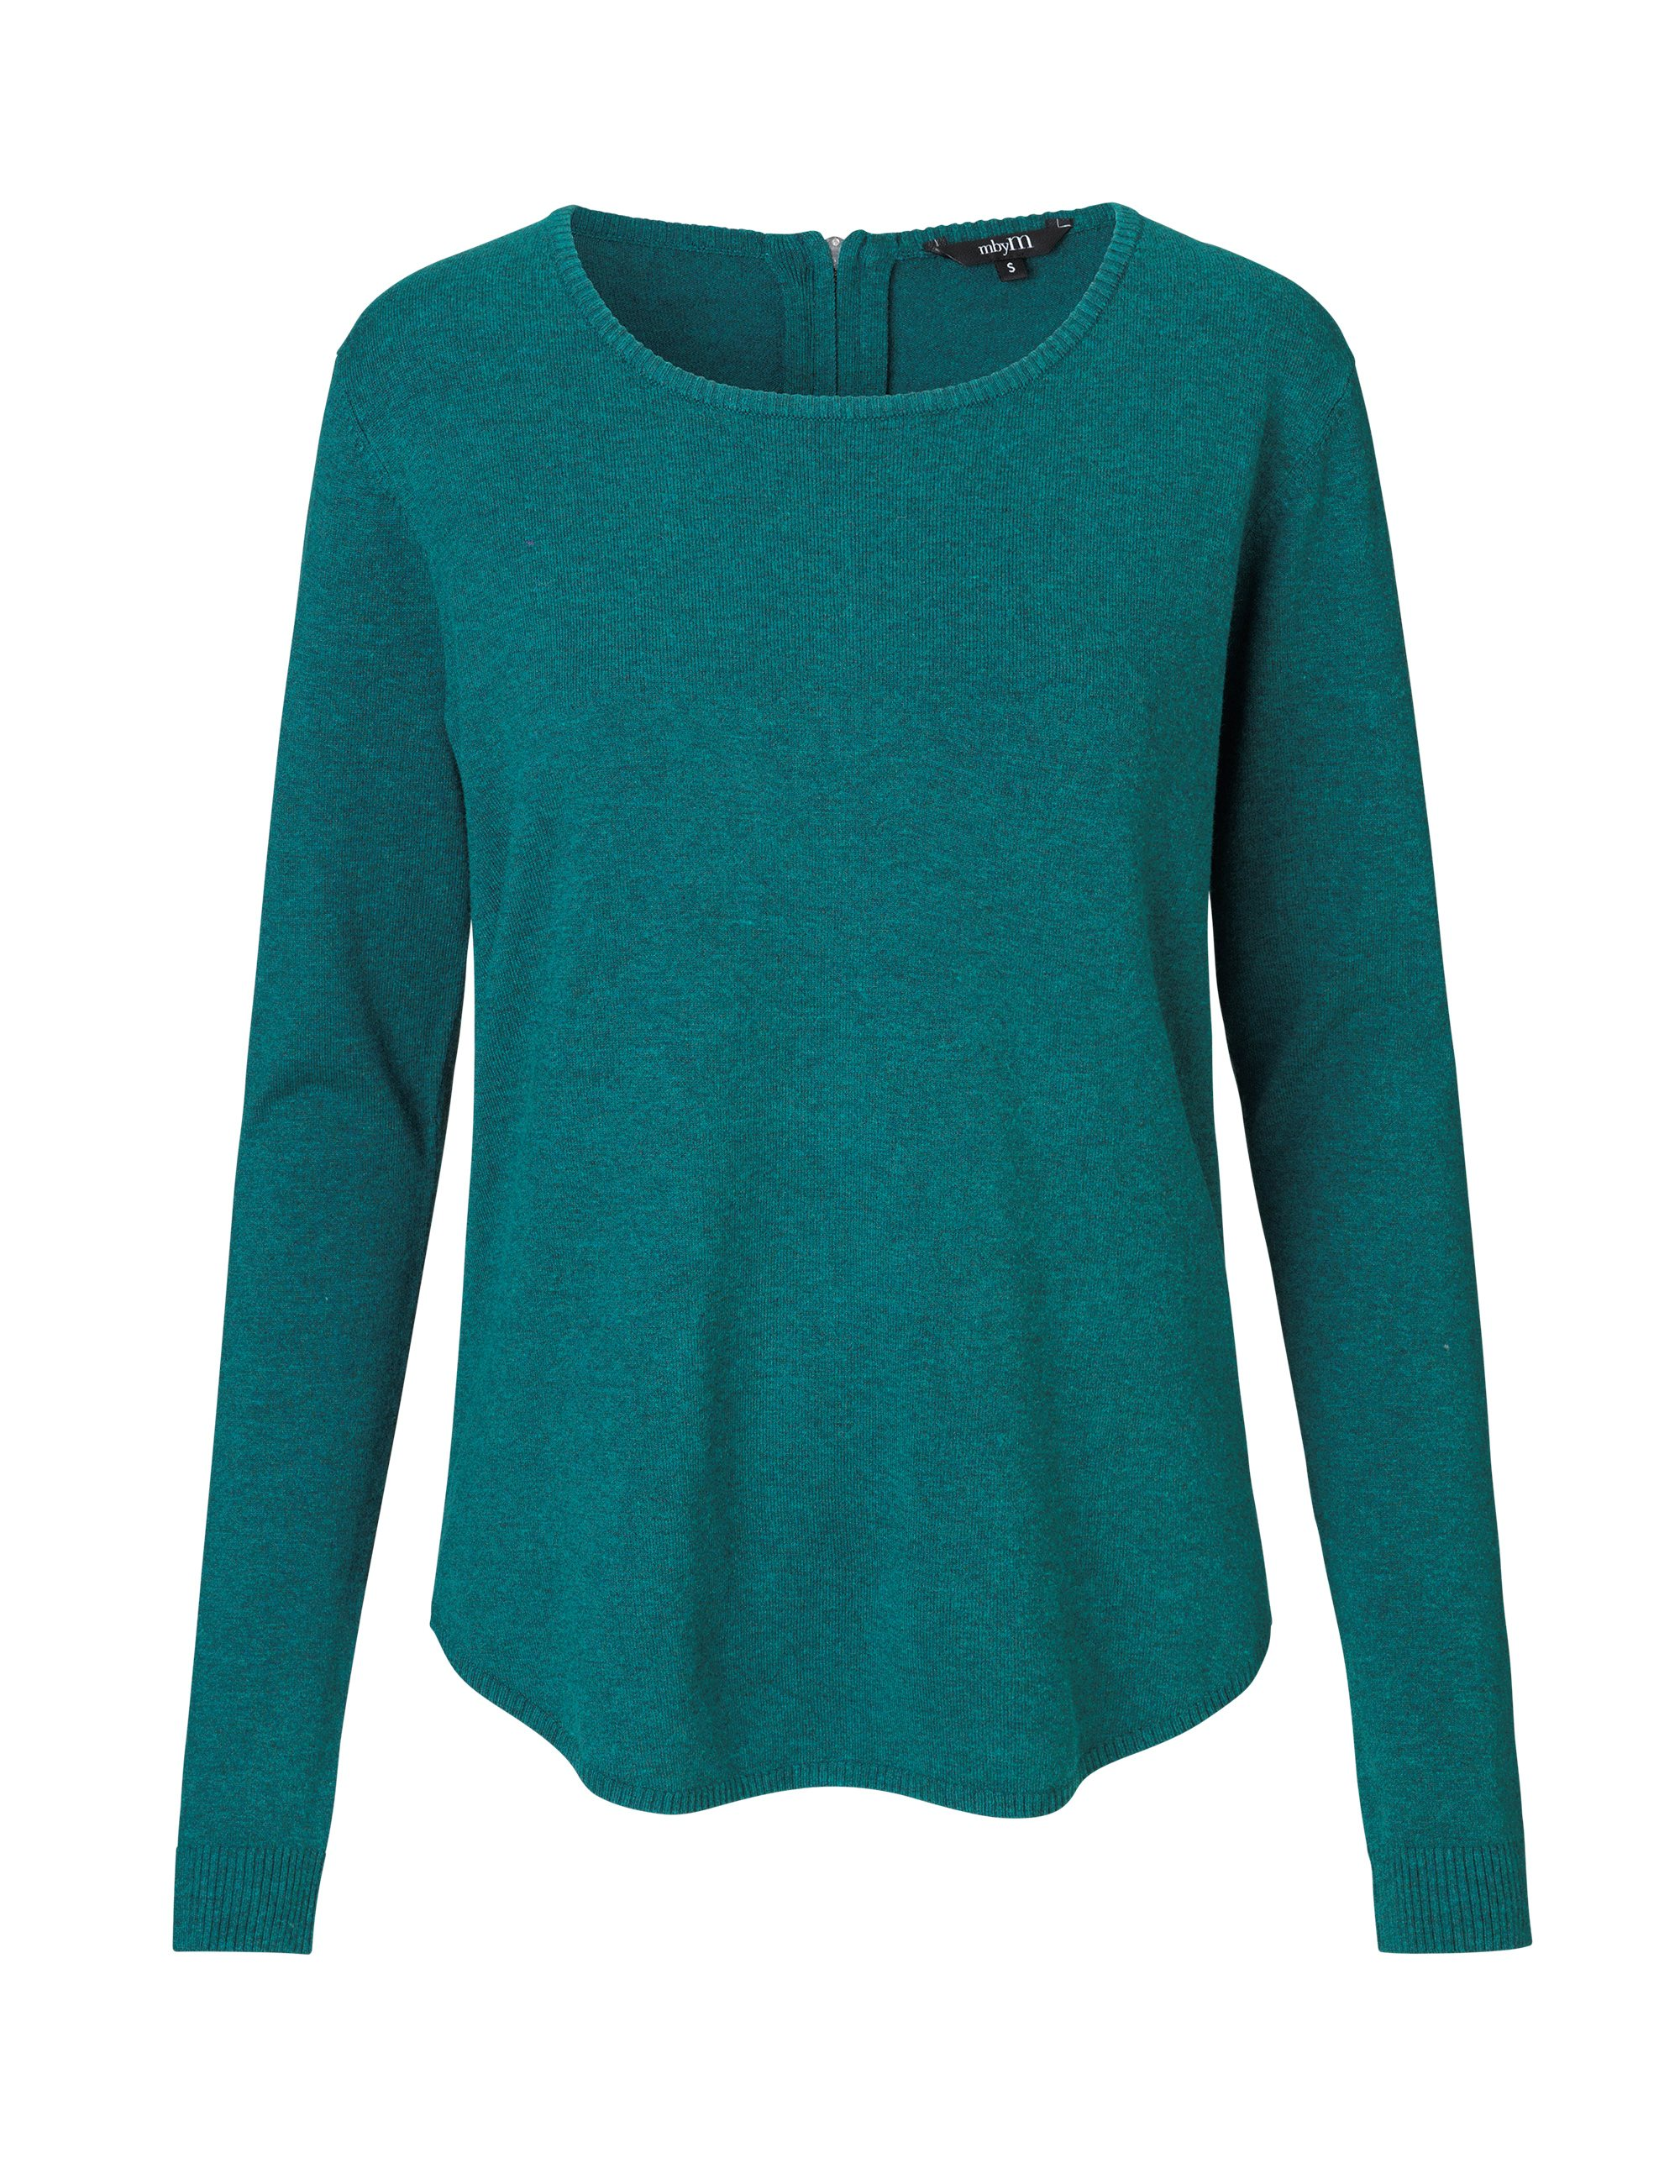 824ef310 mbyM Strikk | mbyM klær i strikk til kvinner | MESSAGE